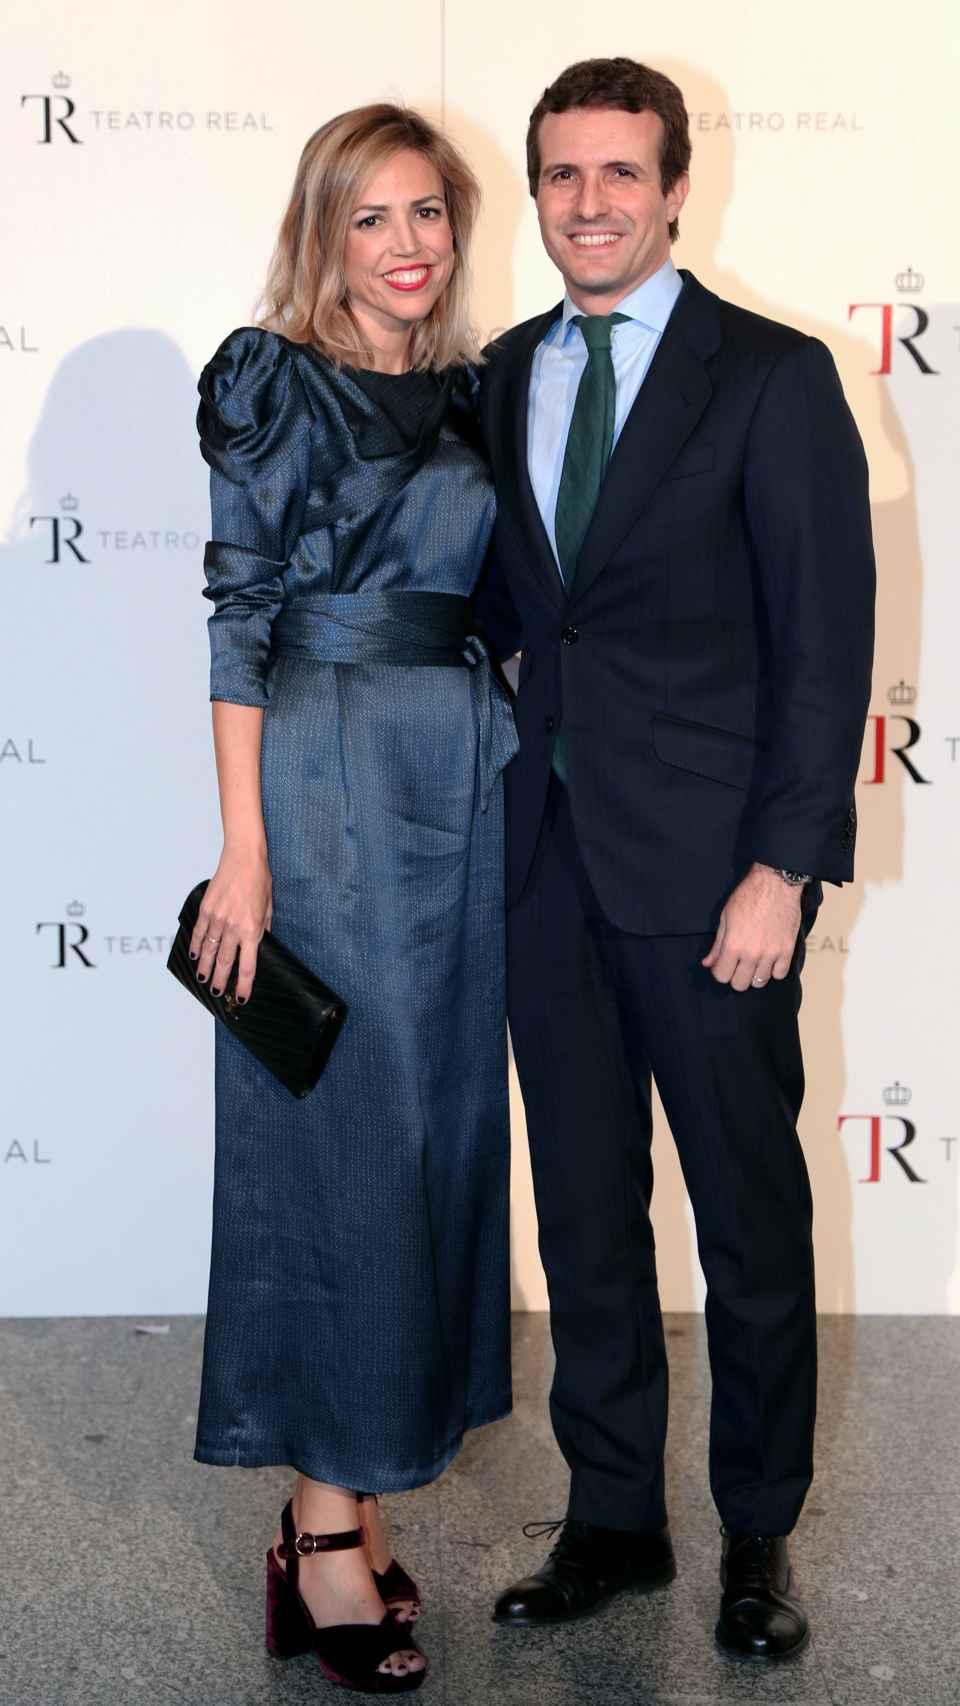 Isabel Torres y Pablo Casado en la Gala 2018 del Teatro Real.